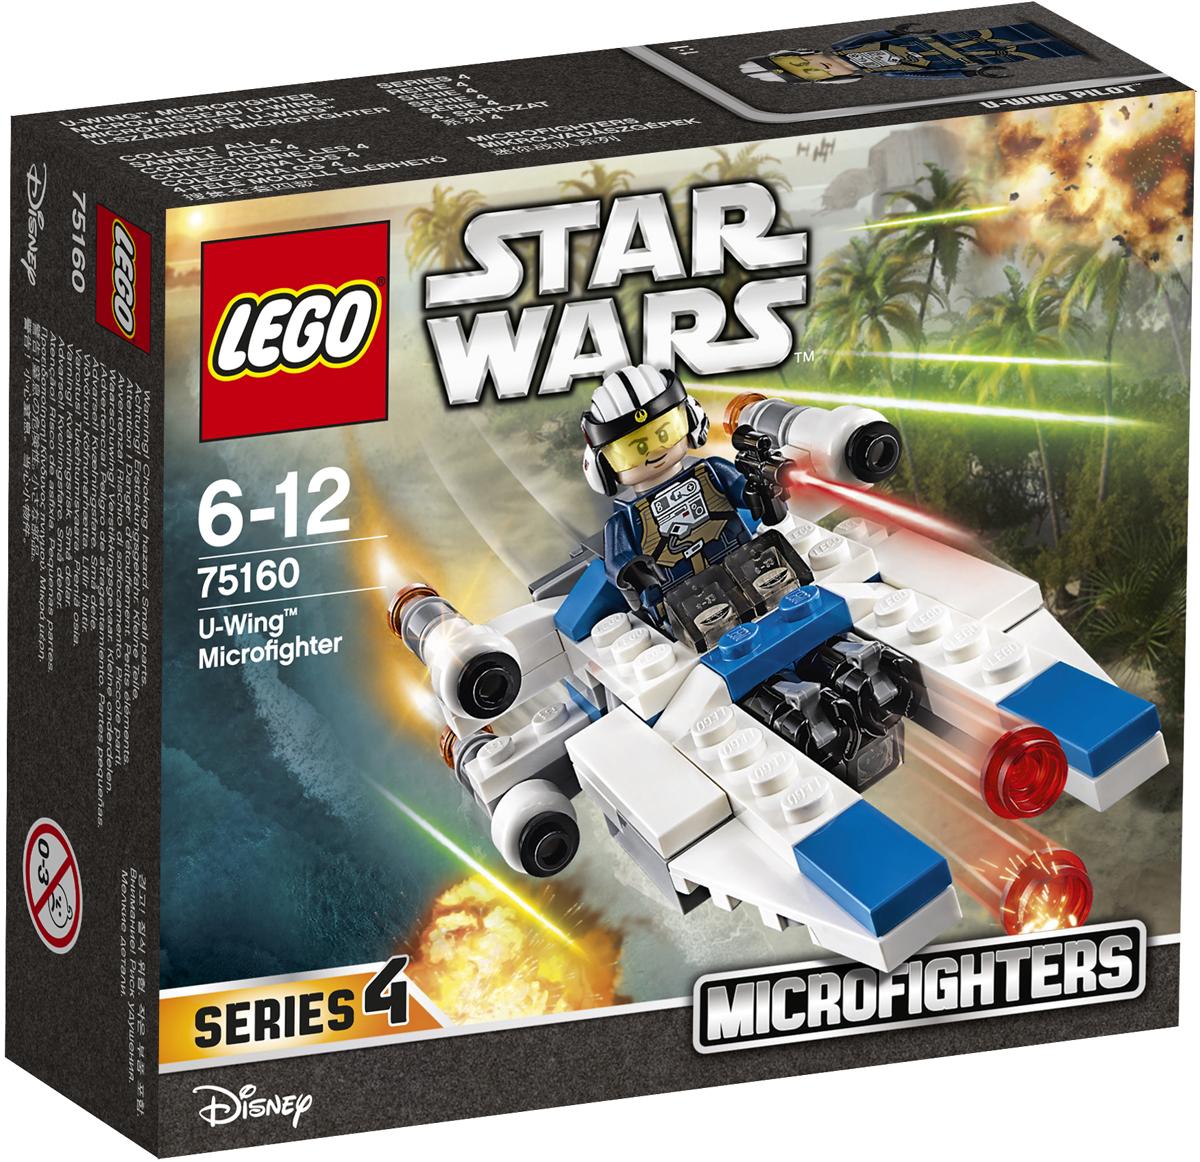 LEGO Star Wars Конструктор Микроистребитель типа U 7516075160Когда на тебя надвигаются войска Империи, время звать на помощь микроистребитель типа U. Сложите его крылья, зарядите оружие, посадите пилота в кабину и будьте готов отбить атаку врага! Набор включает в себя 109 разноцветных элементов и минифигурку. Конструктор - это один из самых увлекательных и веселых способов времяпрепровождения. Ребенок сможет часами играть с конструктором, придумывая различные ситуации и истории.